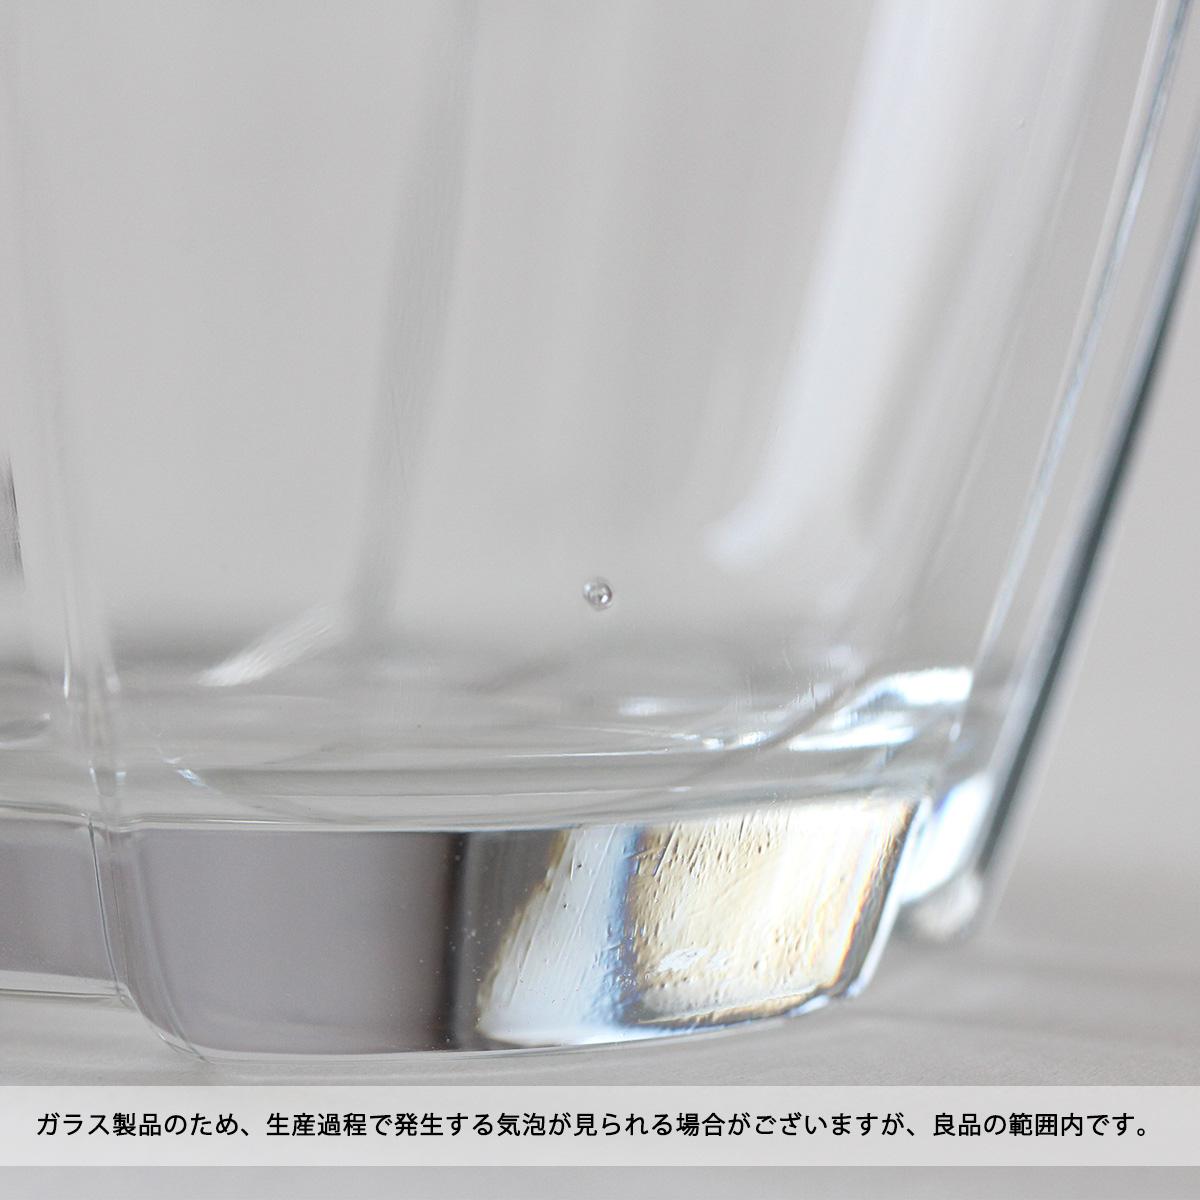 KOSTA BODA (コスタ ボダ) Bruk.(ブルック) ボウル Sサイズ H6×Φ16cm クリア北欧/食器/皿